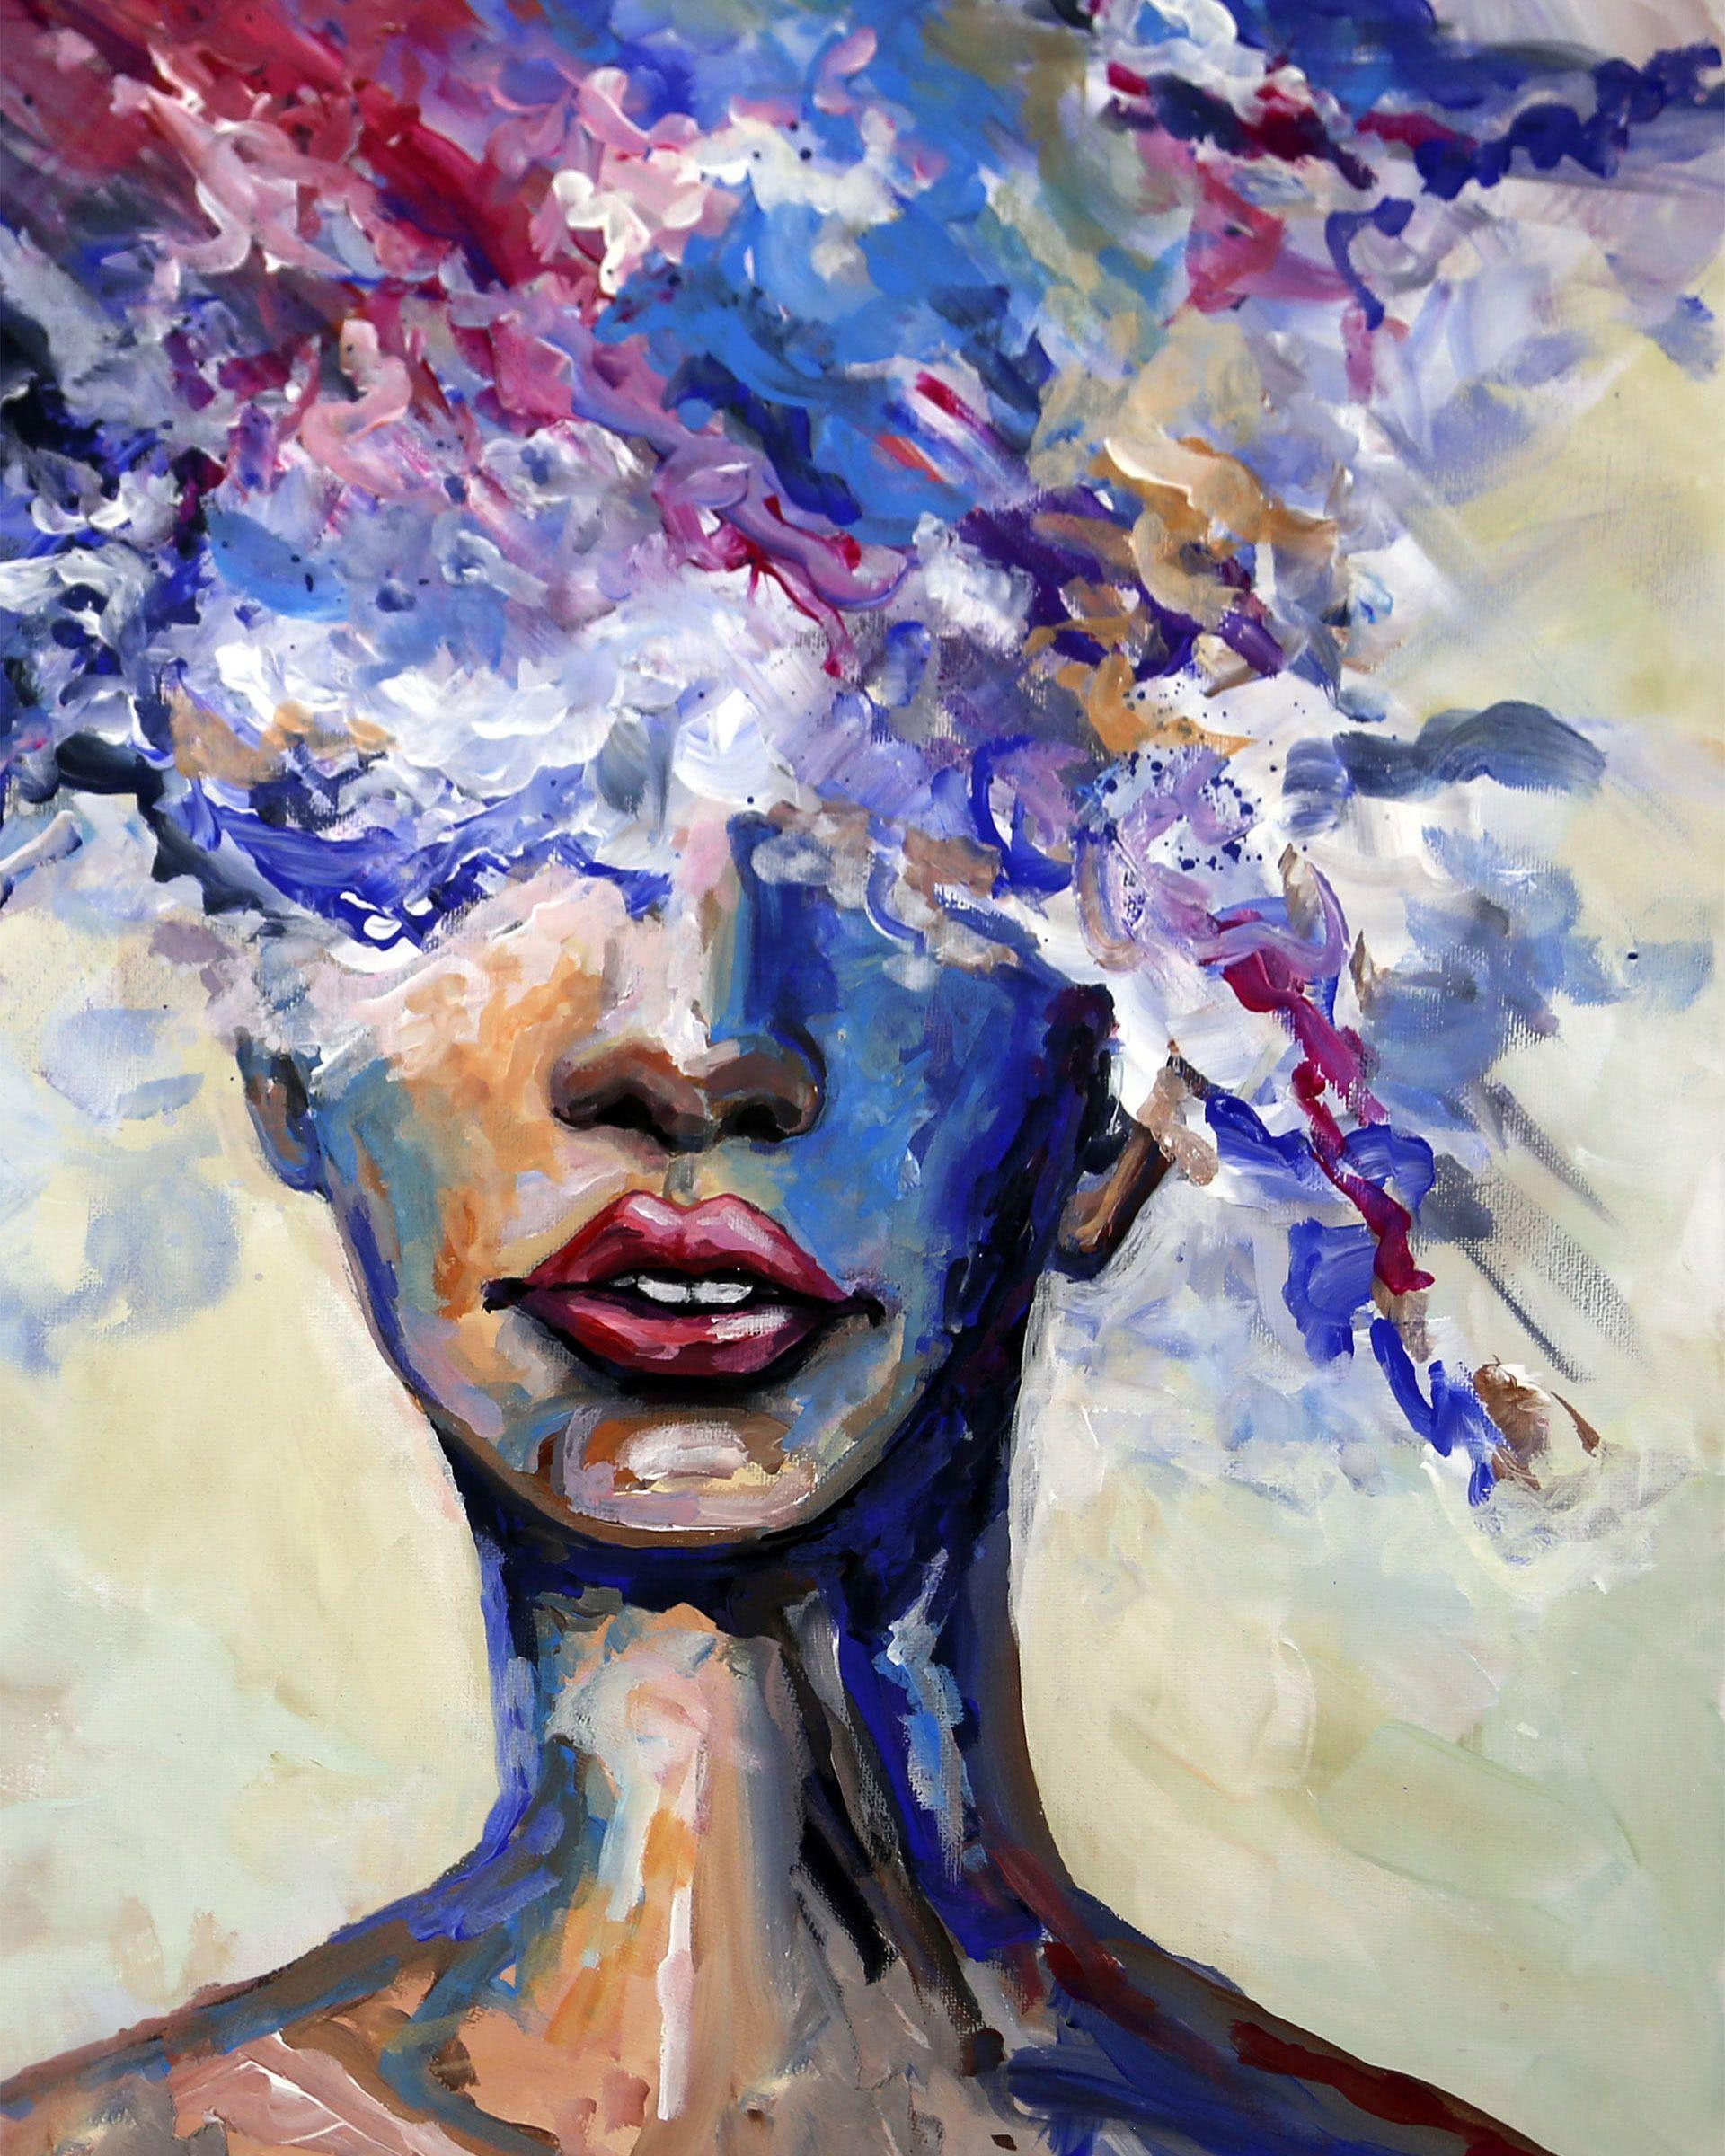 illusions kunstmalerei acryl leinwand malen amerikanischer maler modern abstrakte moderne bilder